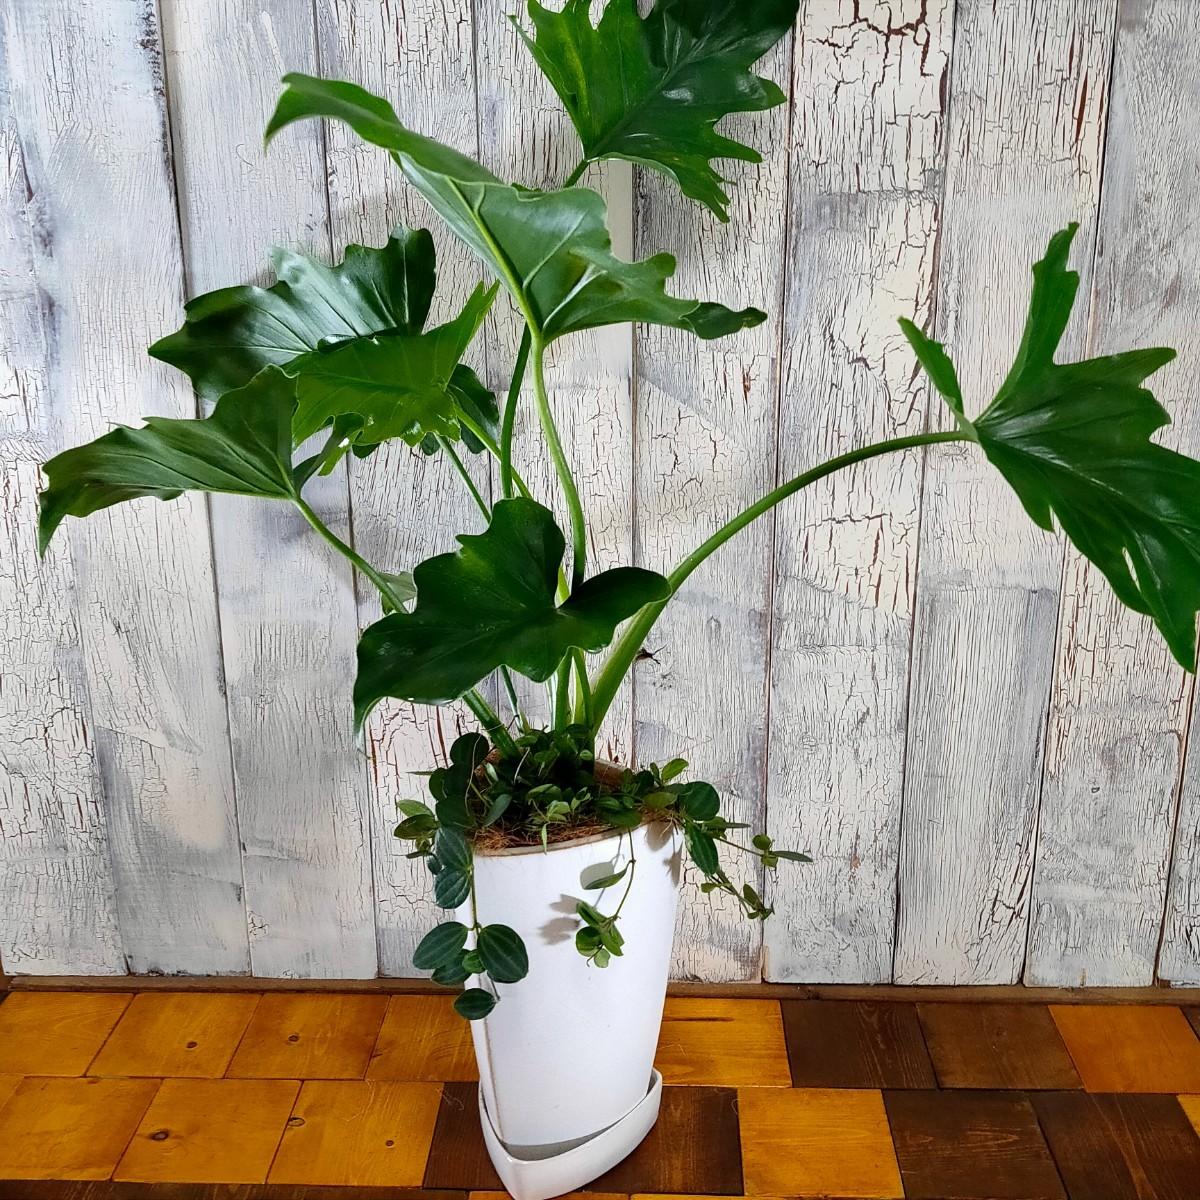 【観葉植物】クッカバラ 受皿付